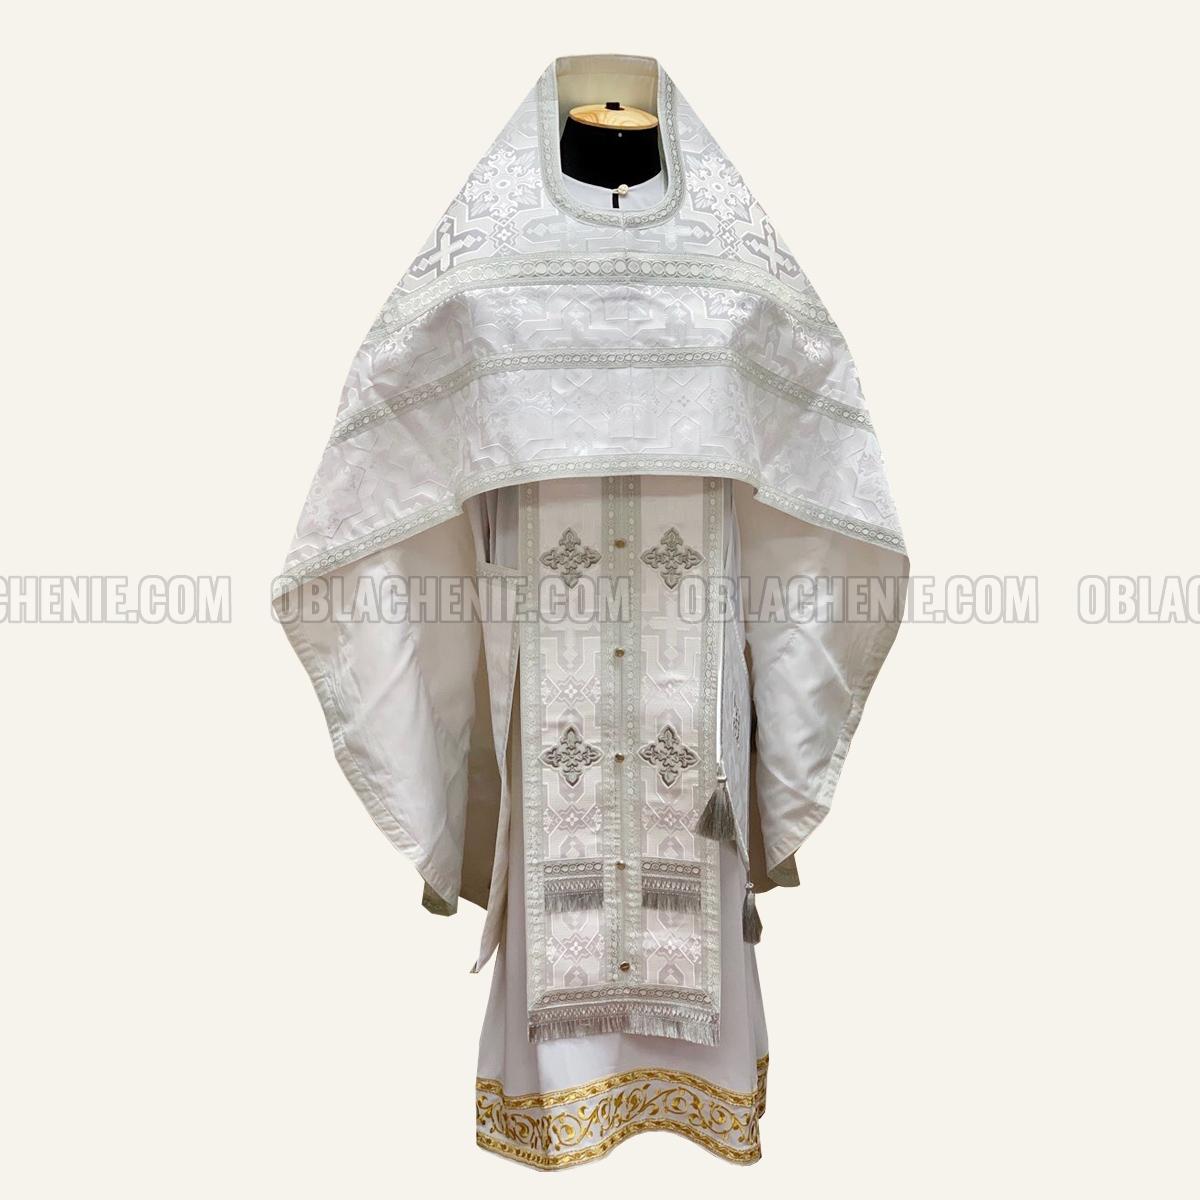 Priest's vestments 10125